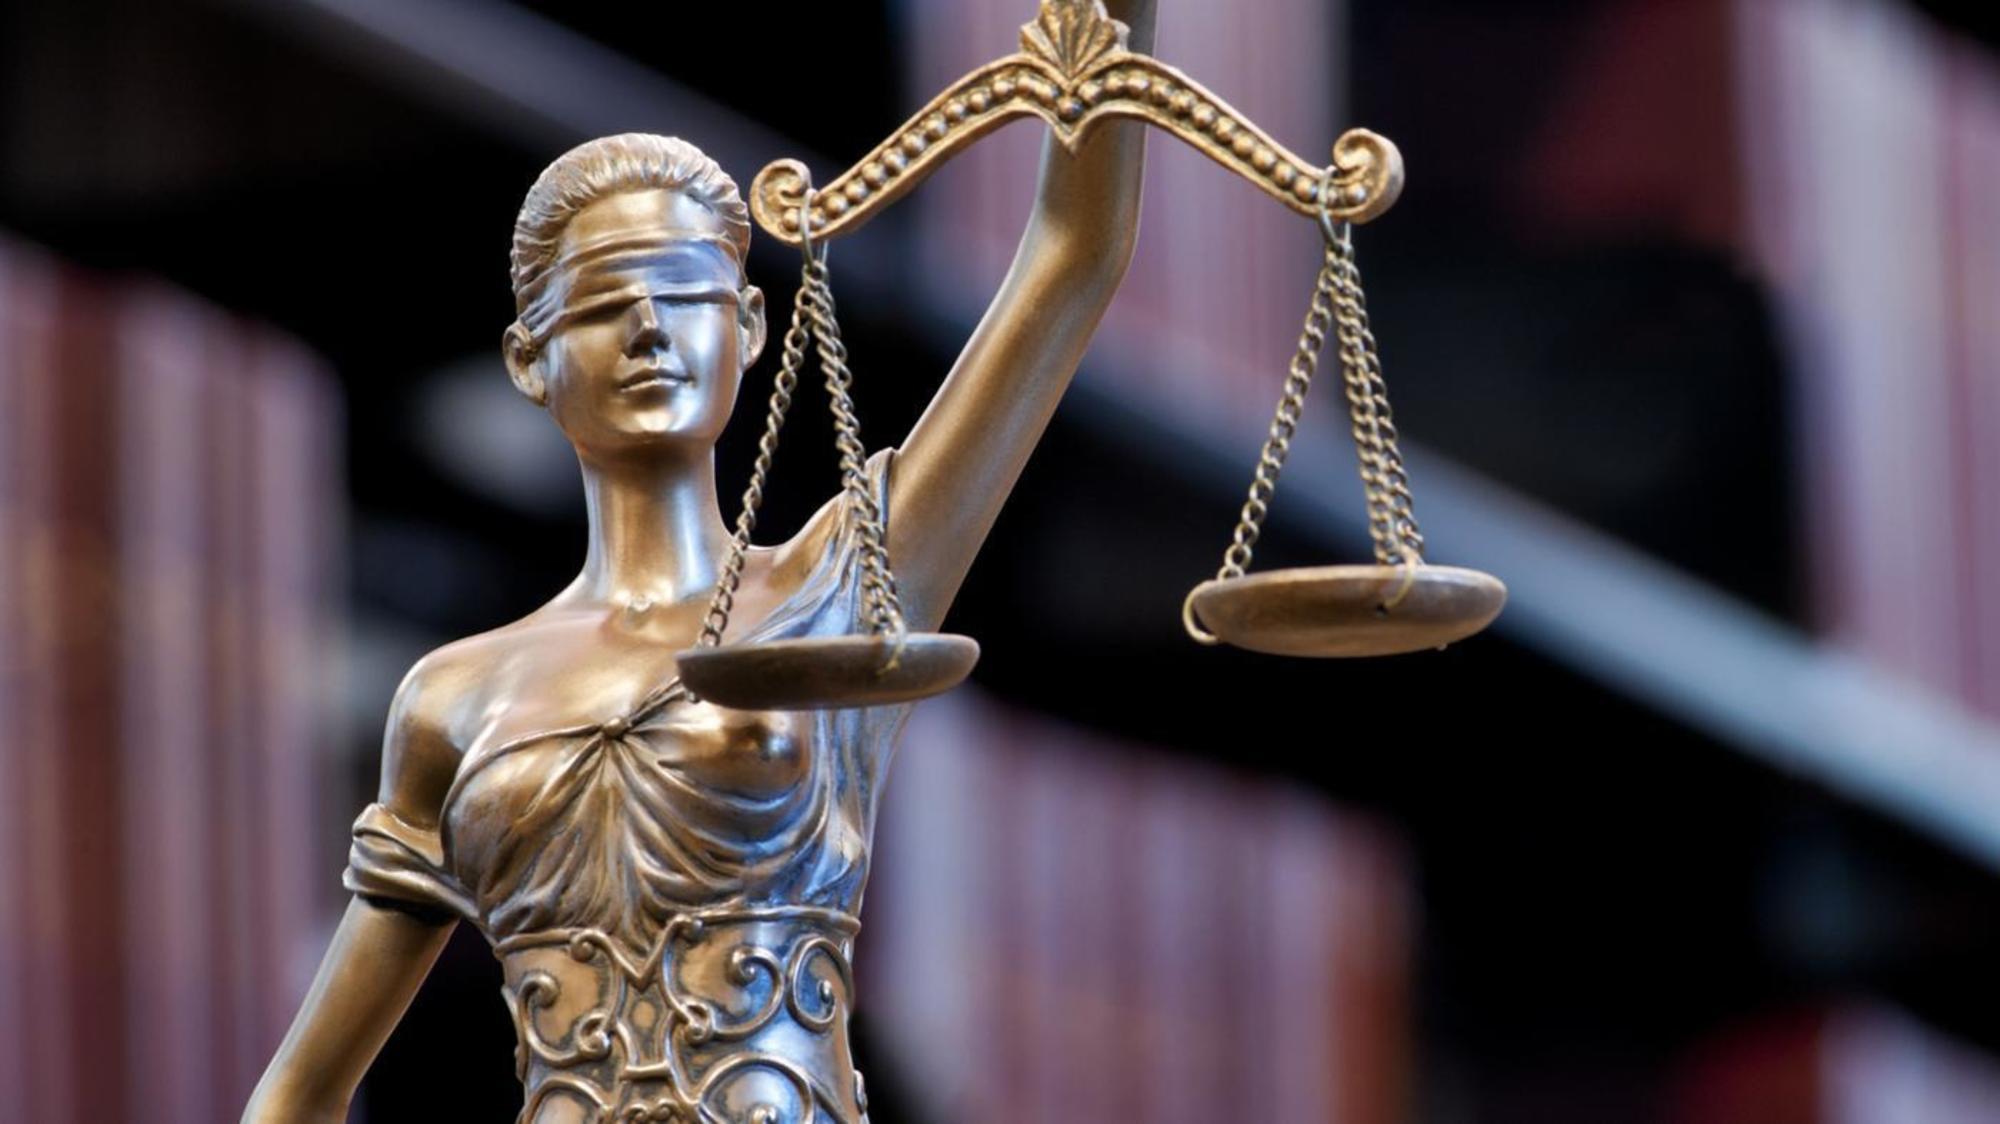 وکلای منتقد مورد غضب صاحبان قدرت/ محمد مقیمی